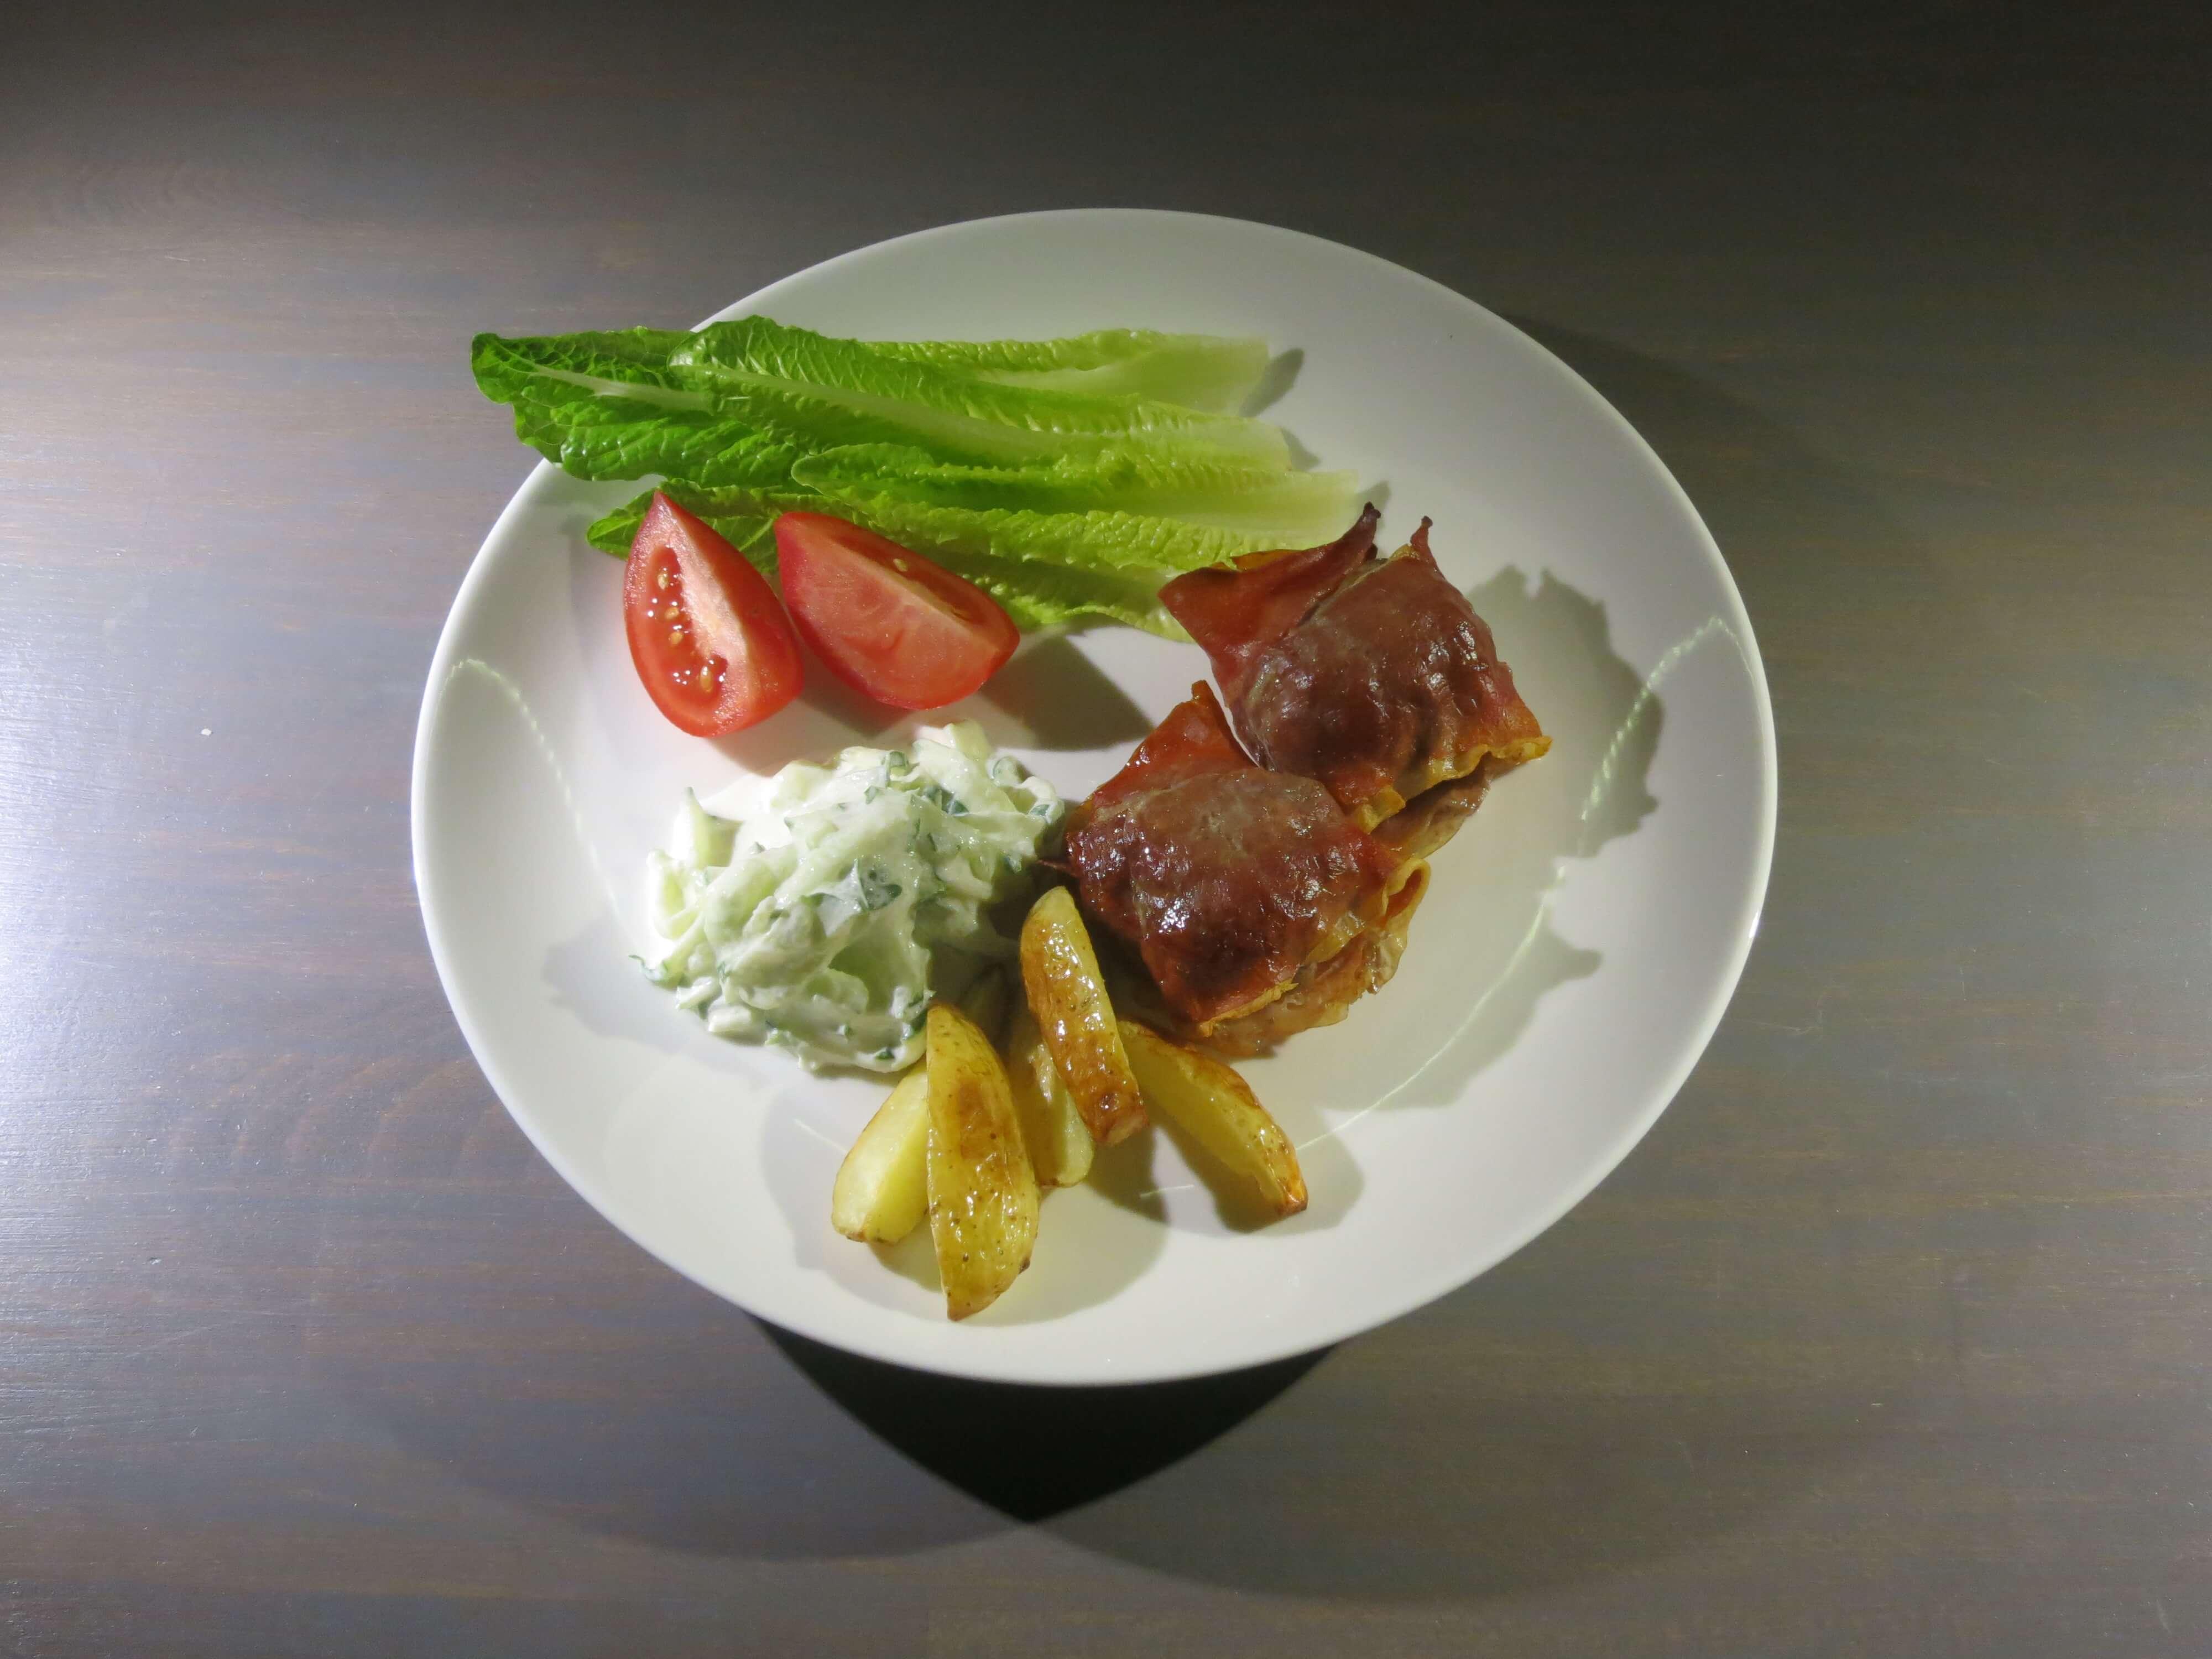 Lammfärsbiffar med tomatsalsa och klyftpotatis.